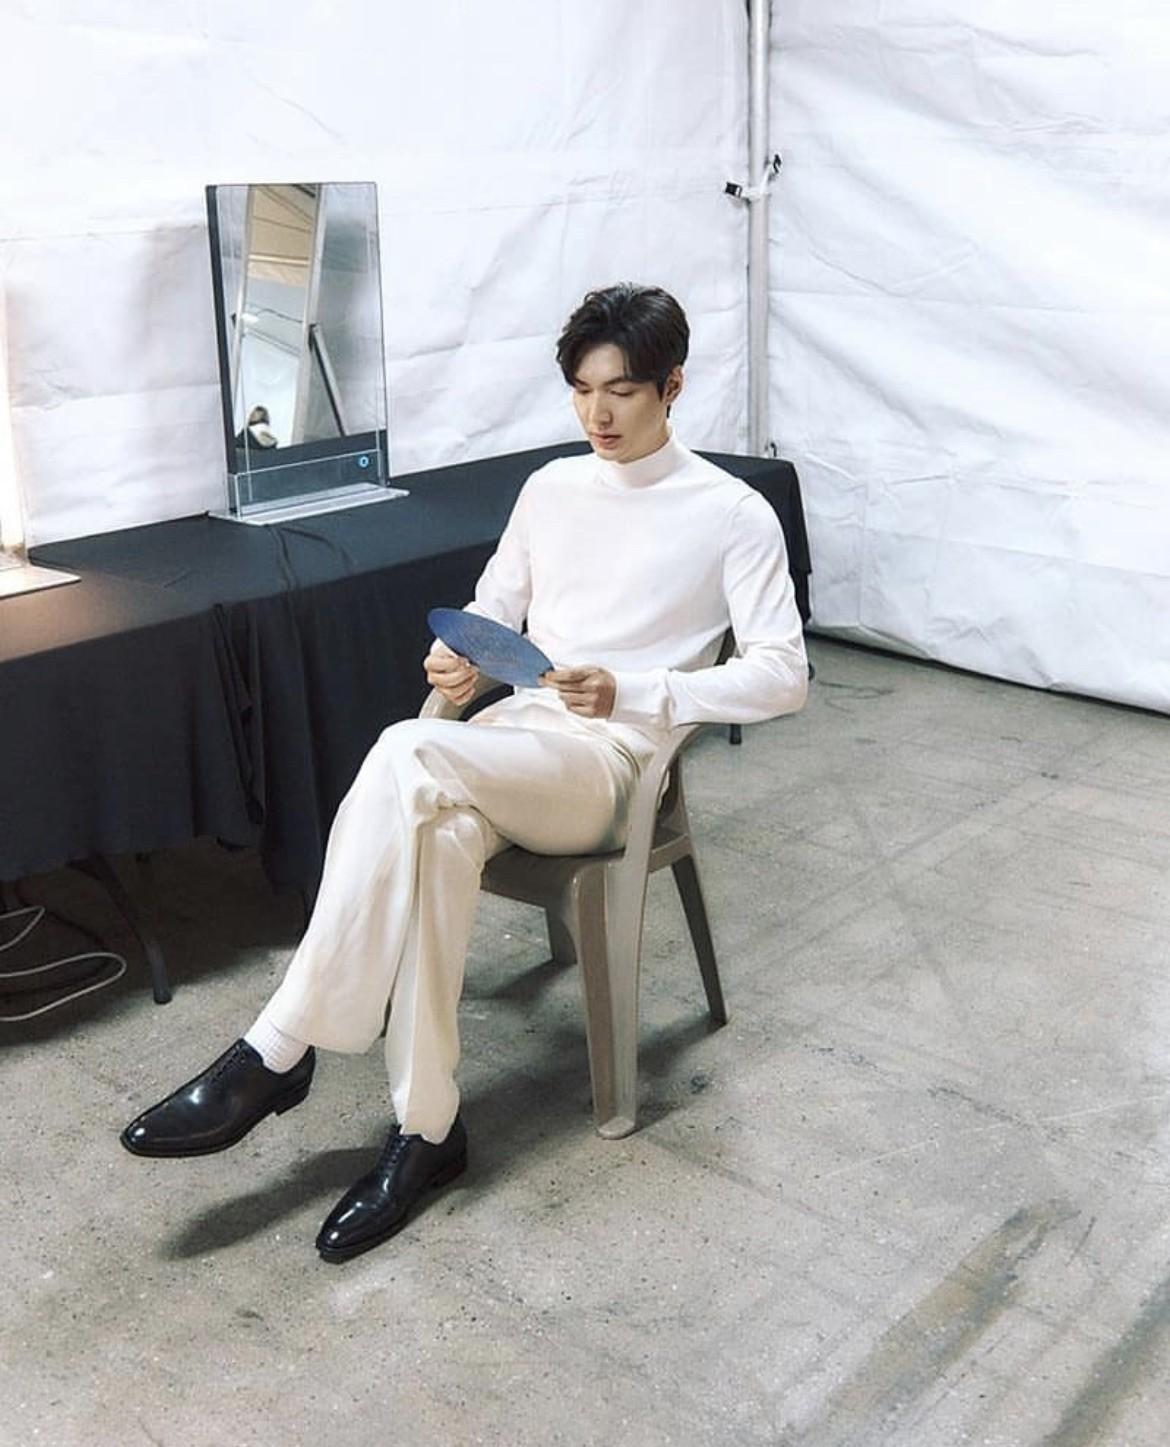 李敏镐最近是白马王子吗?正装里内搭、衬衫藏心机硬是比别人帅